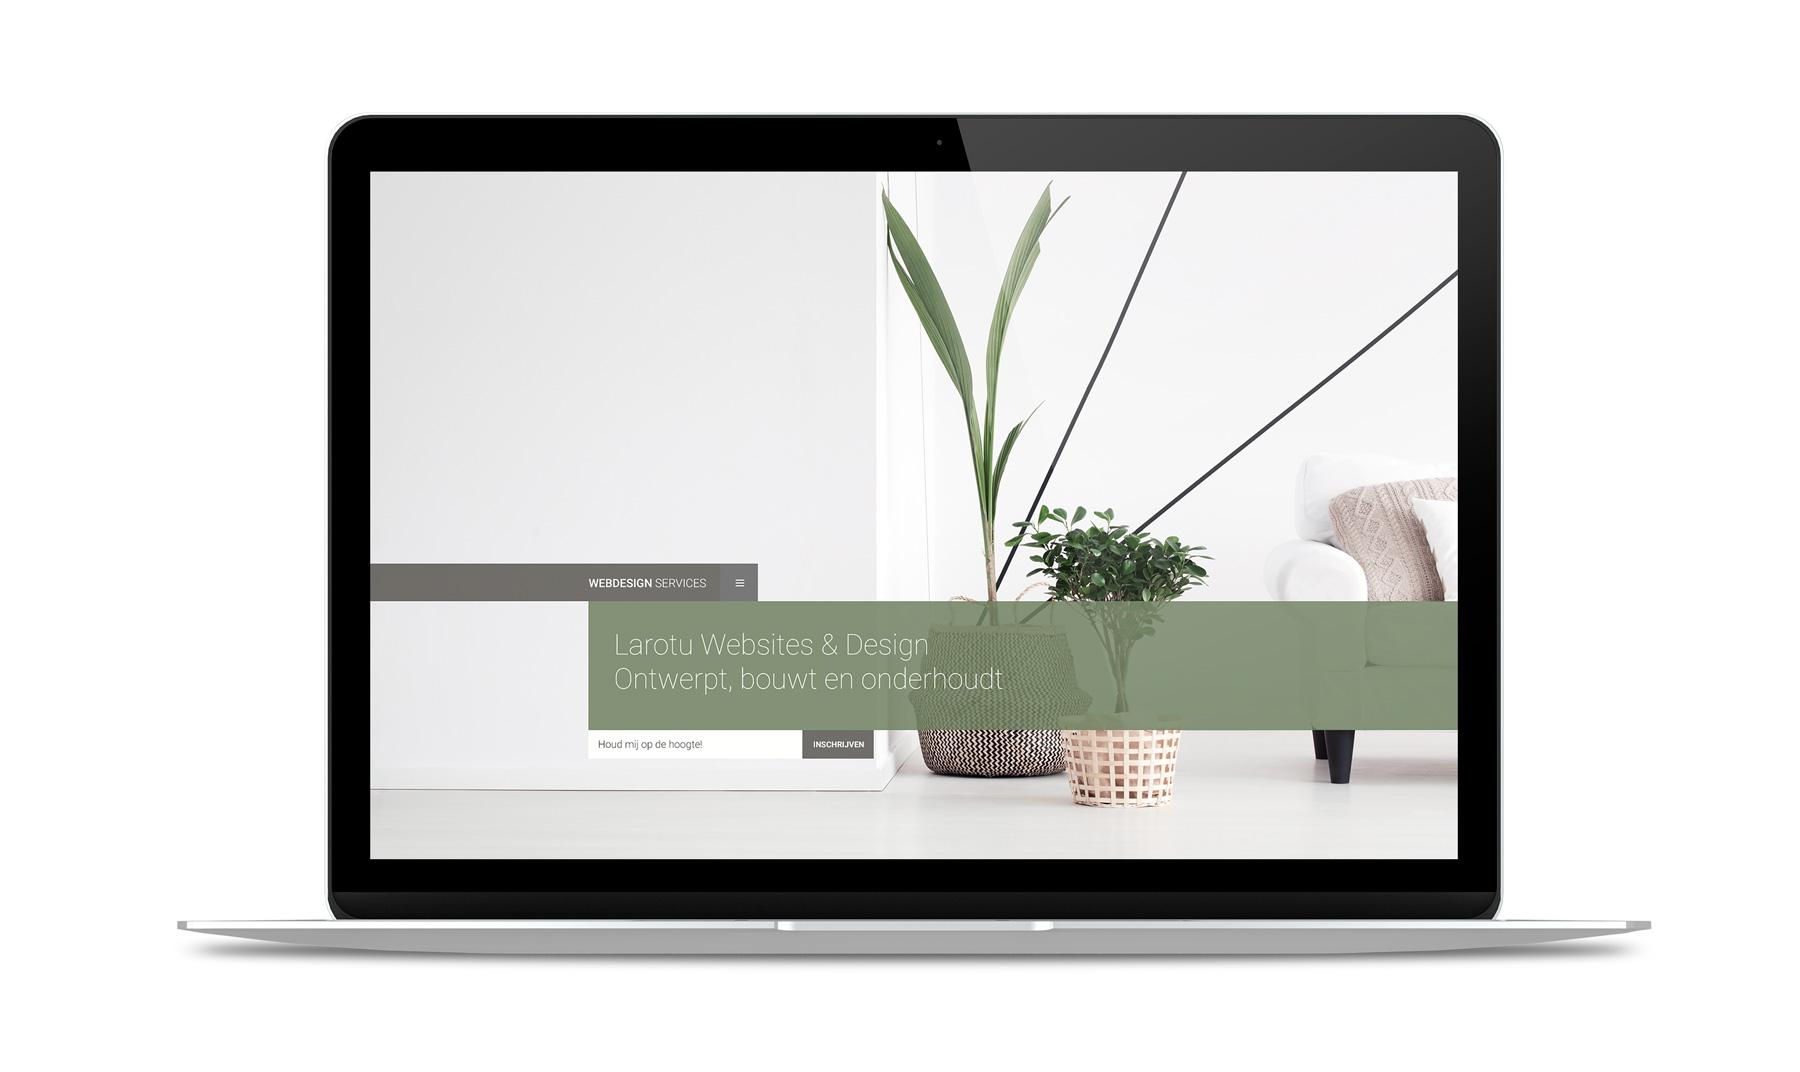 Een volledig pakket services voor je website